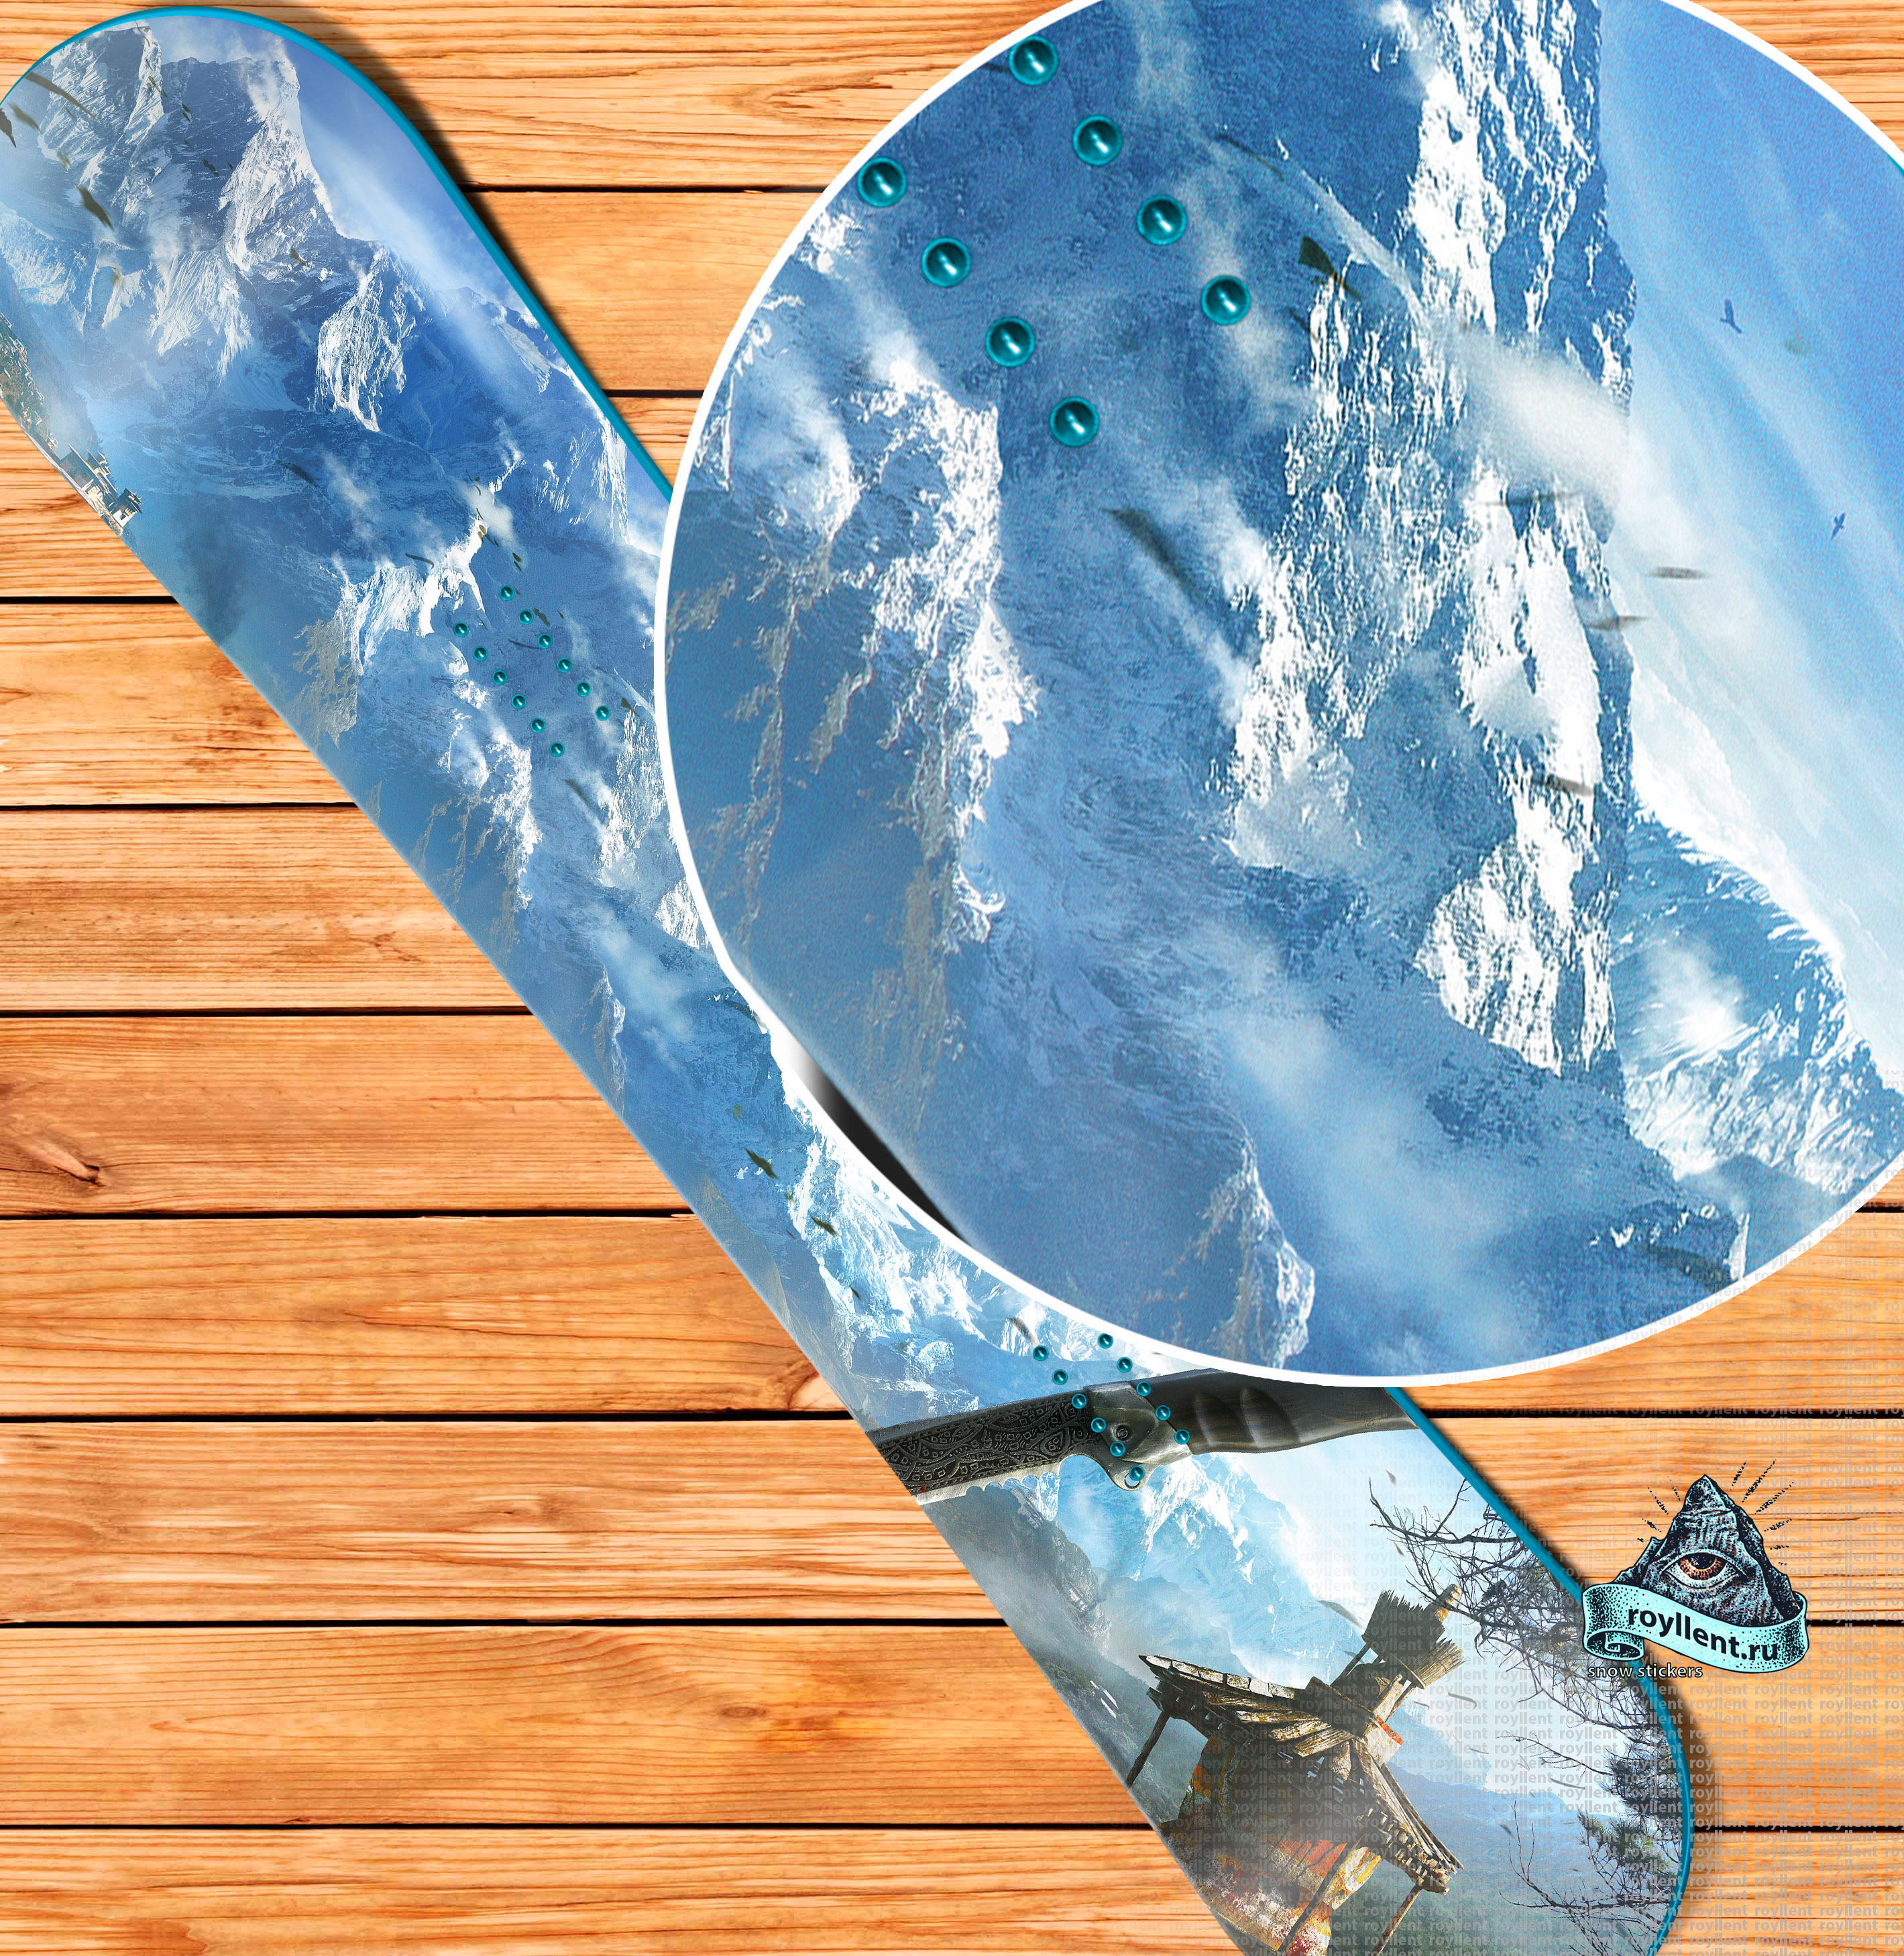 Купить полноразмерную наклейку на сноуборд в Москве